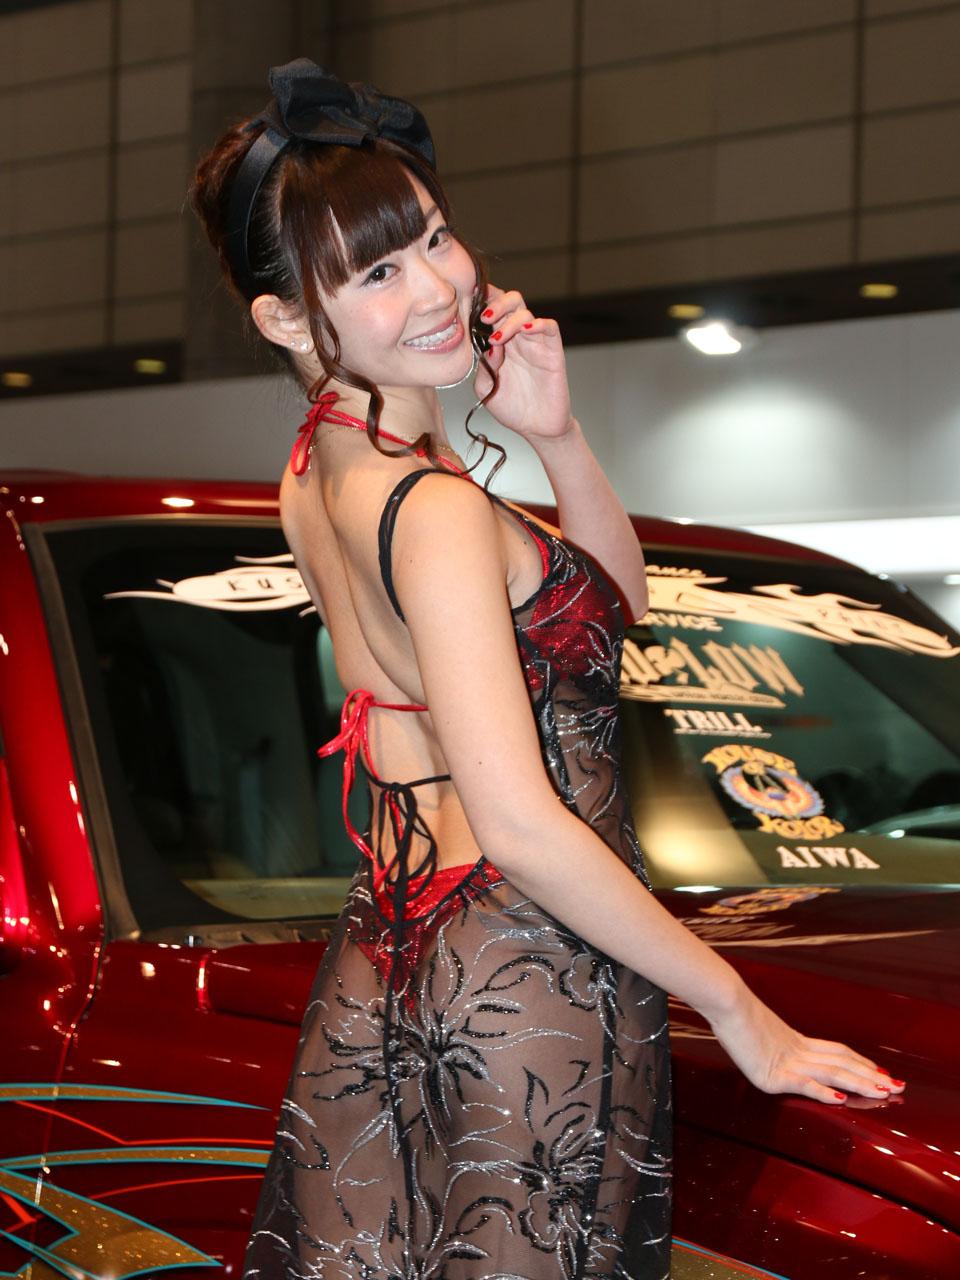 【画像】東京オートサロンのキャンギャルが刺激的すぎワロタw